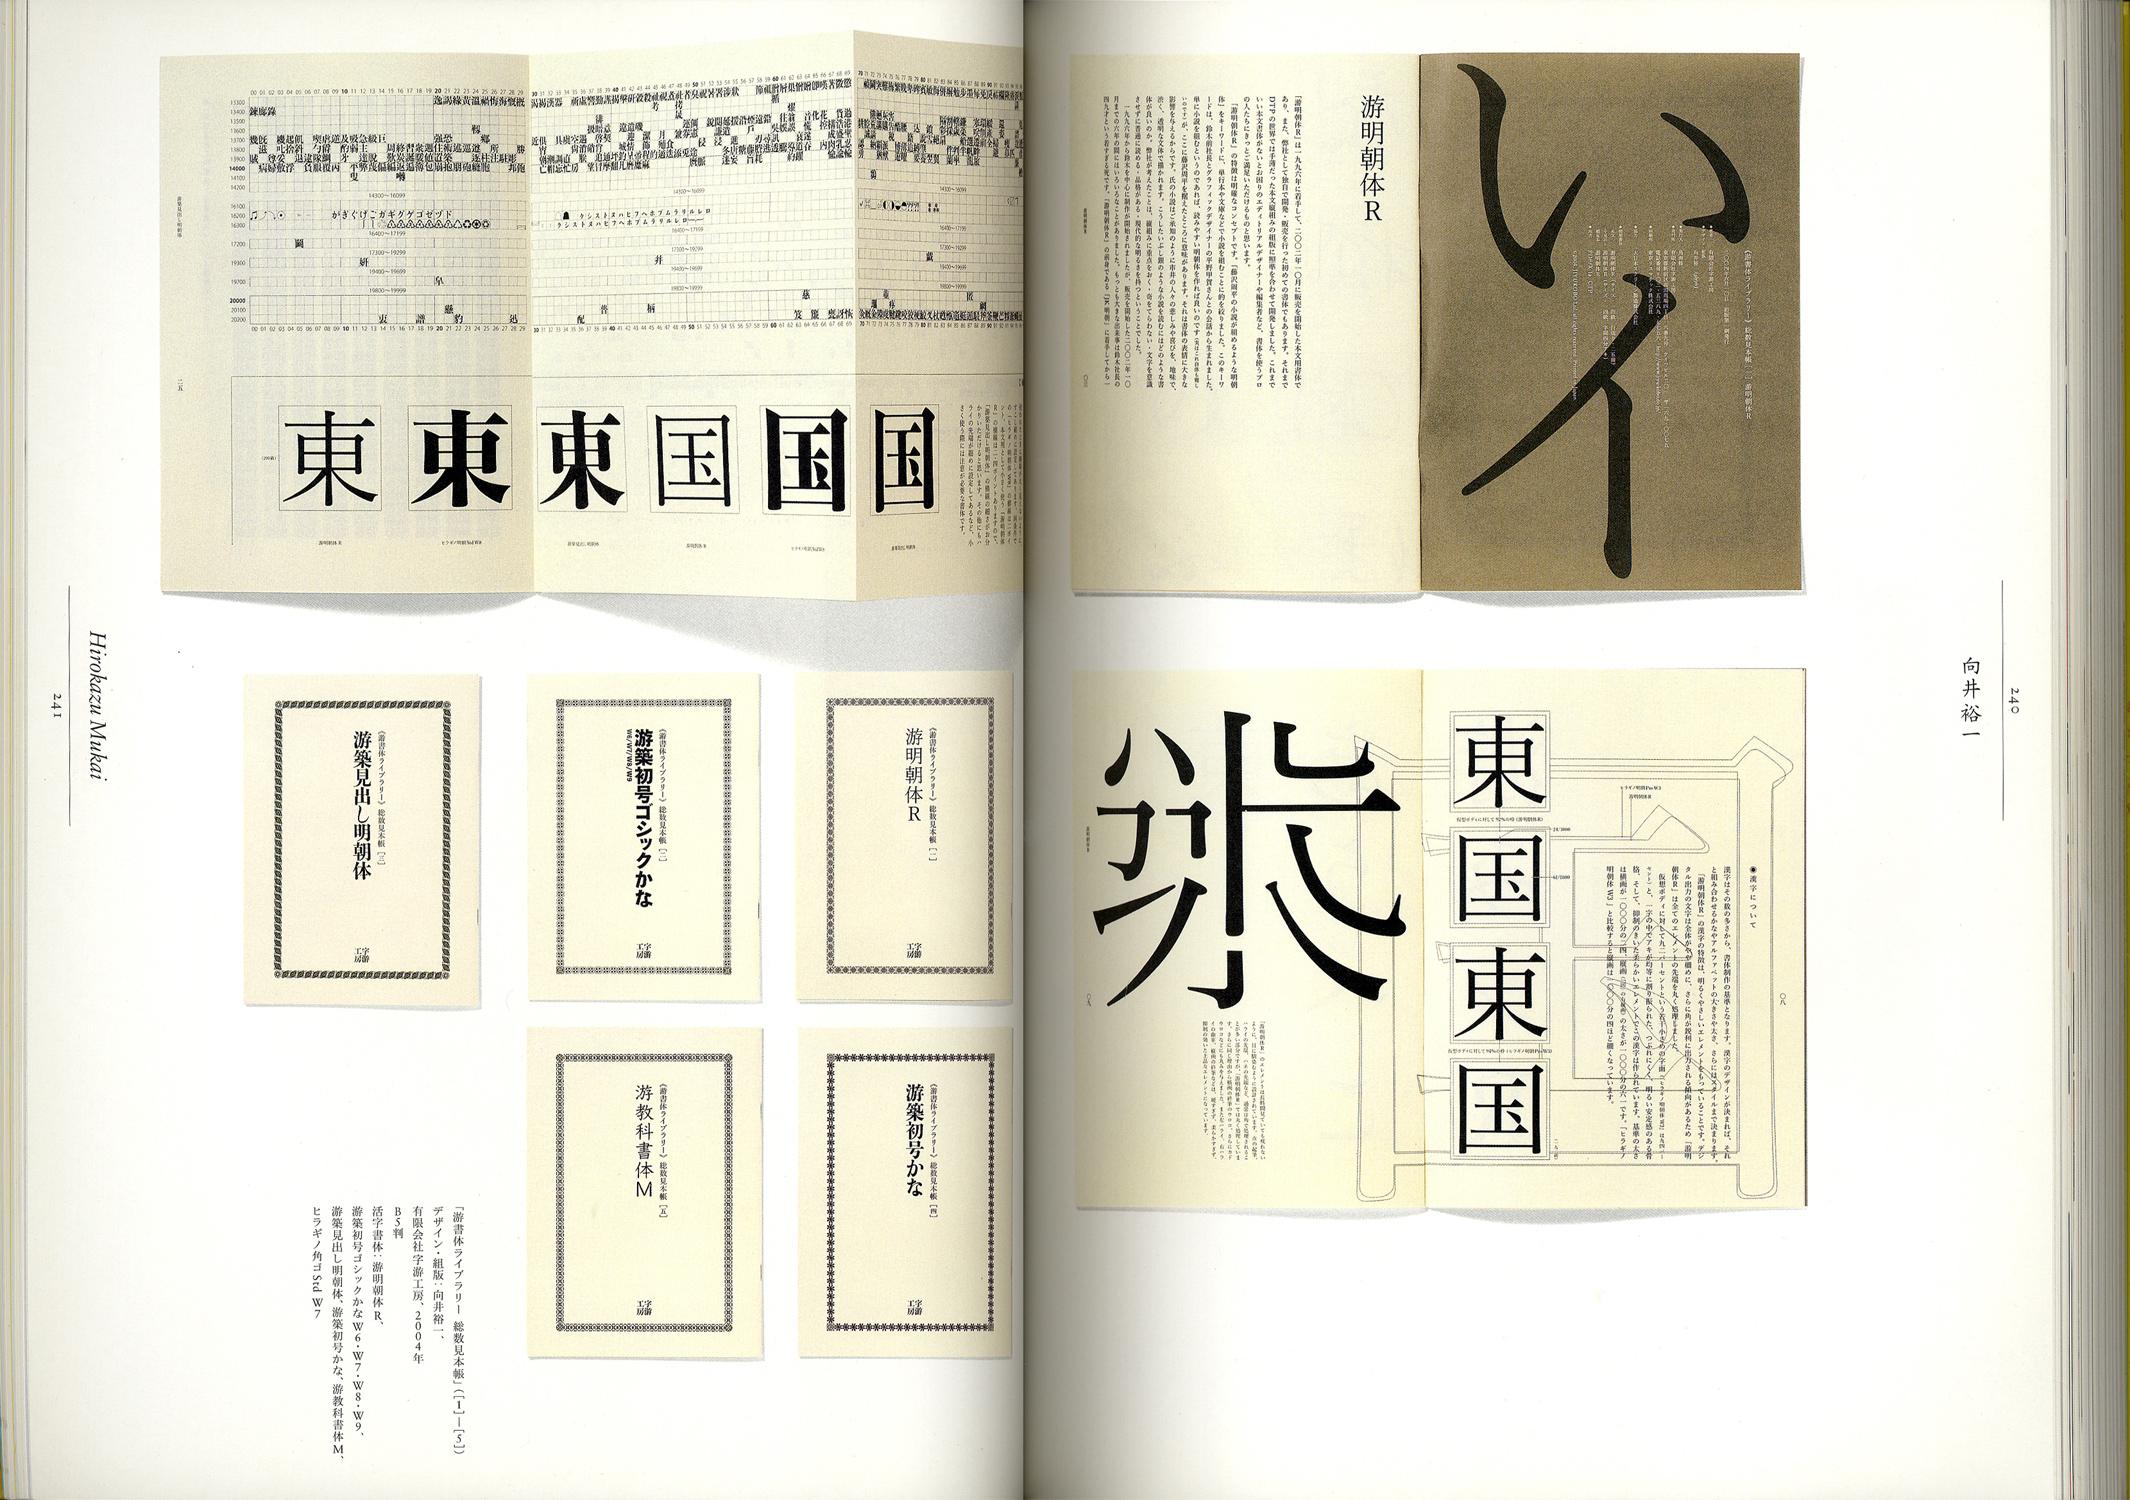 新撰 日本のタイポグラフィ Typography in Japan[image5]